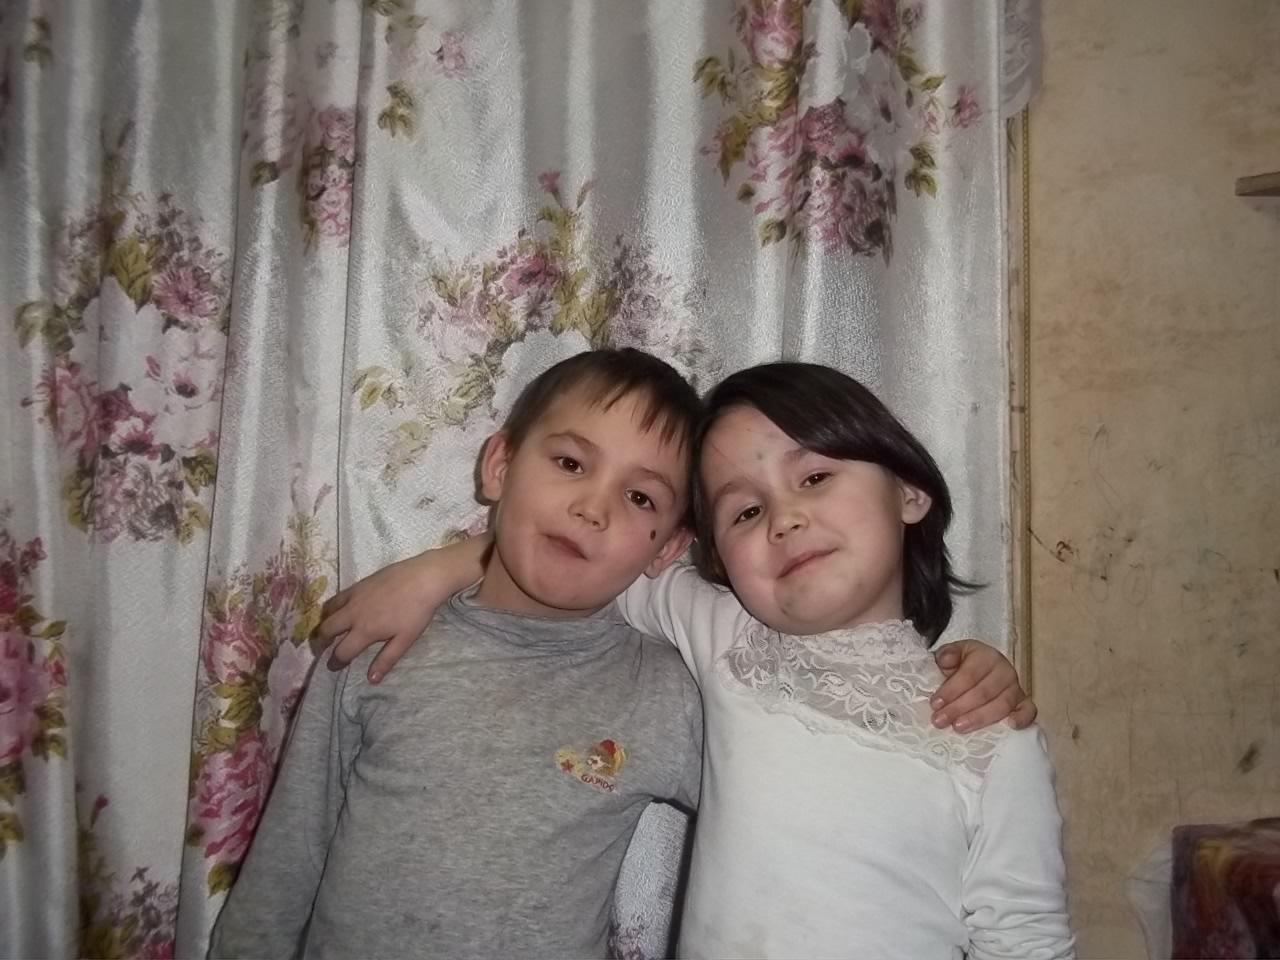 Вася Исаев, Тошнер - фото №4